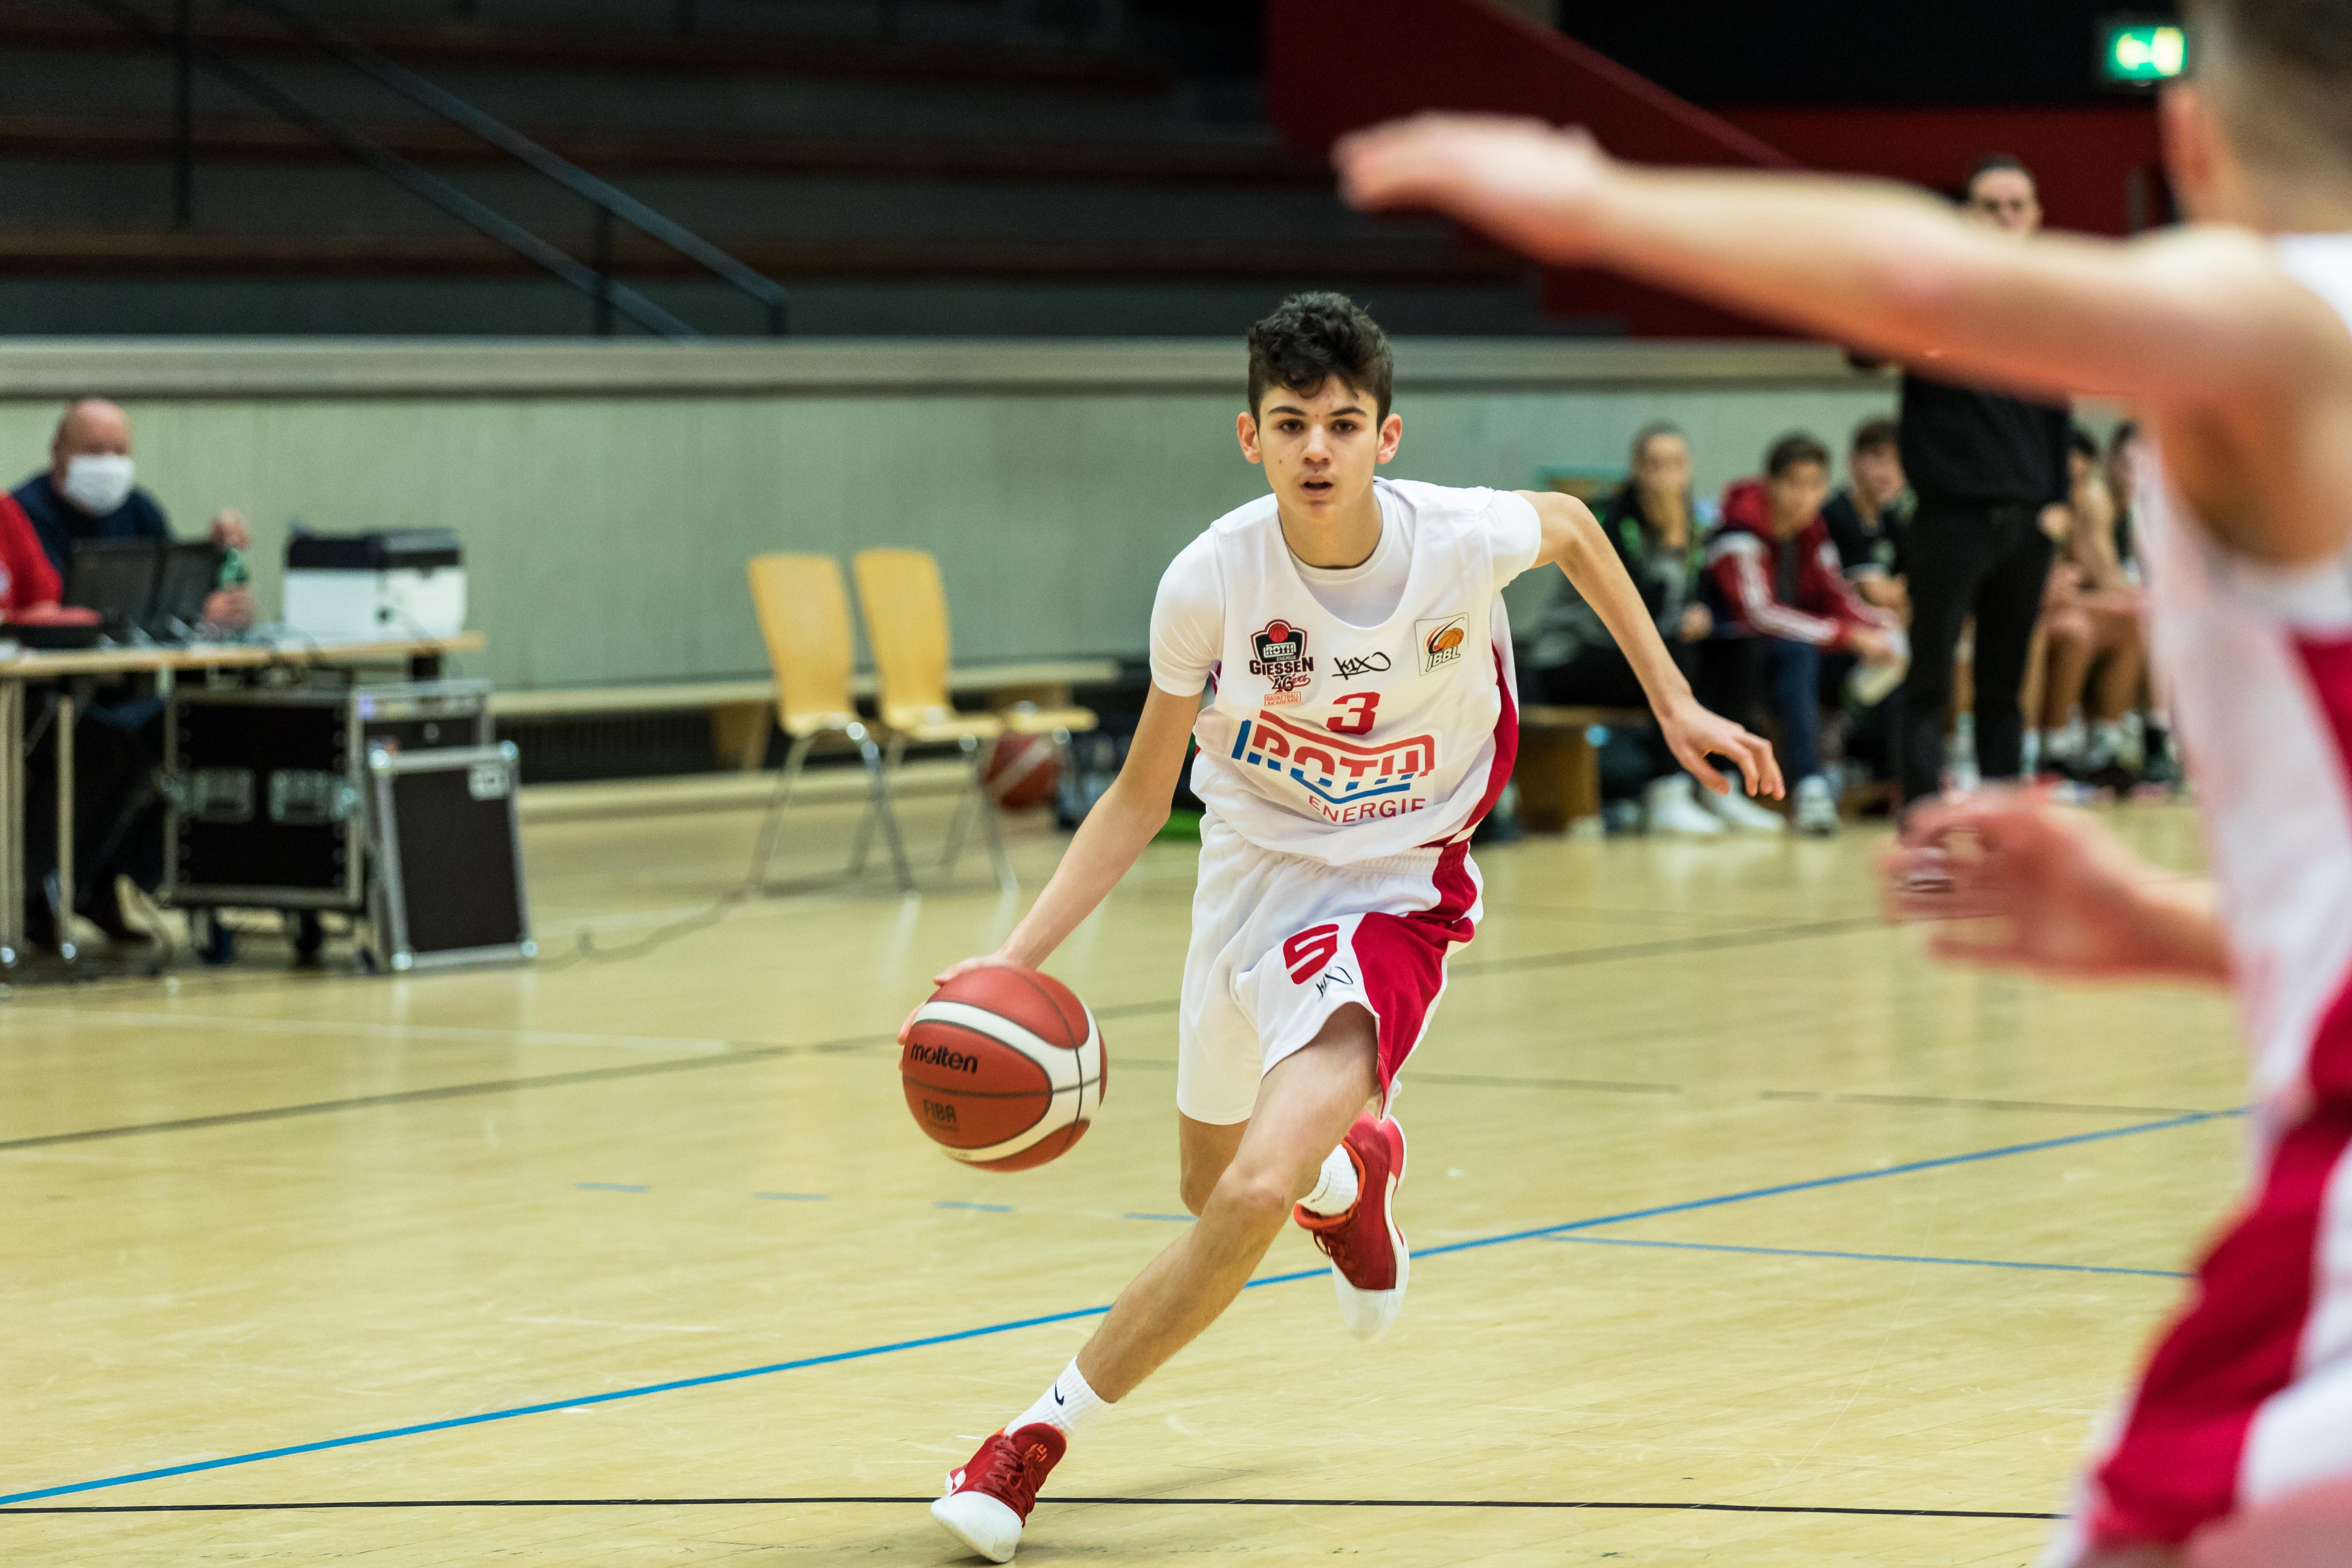 JBBL_20-21_Giessen_Trier_Spieltag2_Elvin-Mehovic